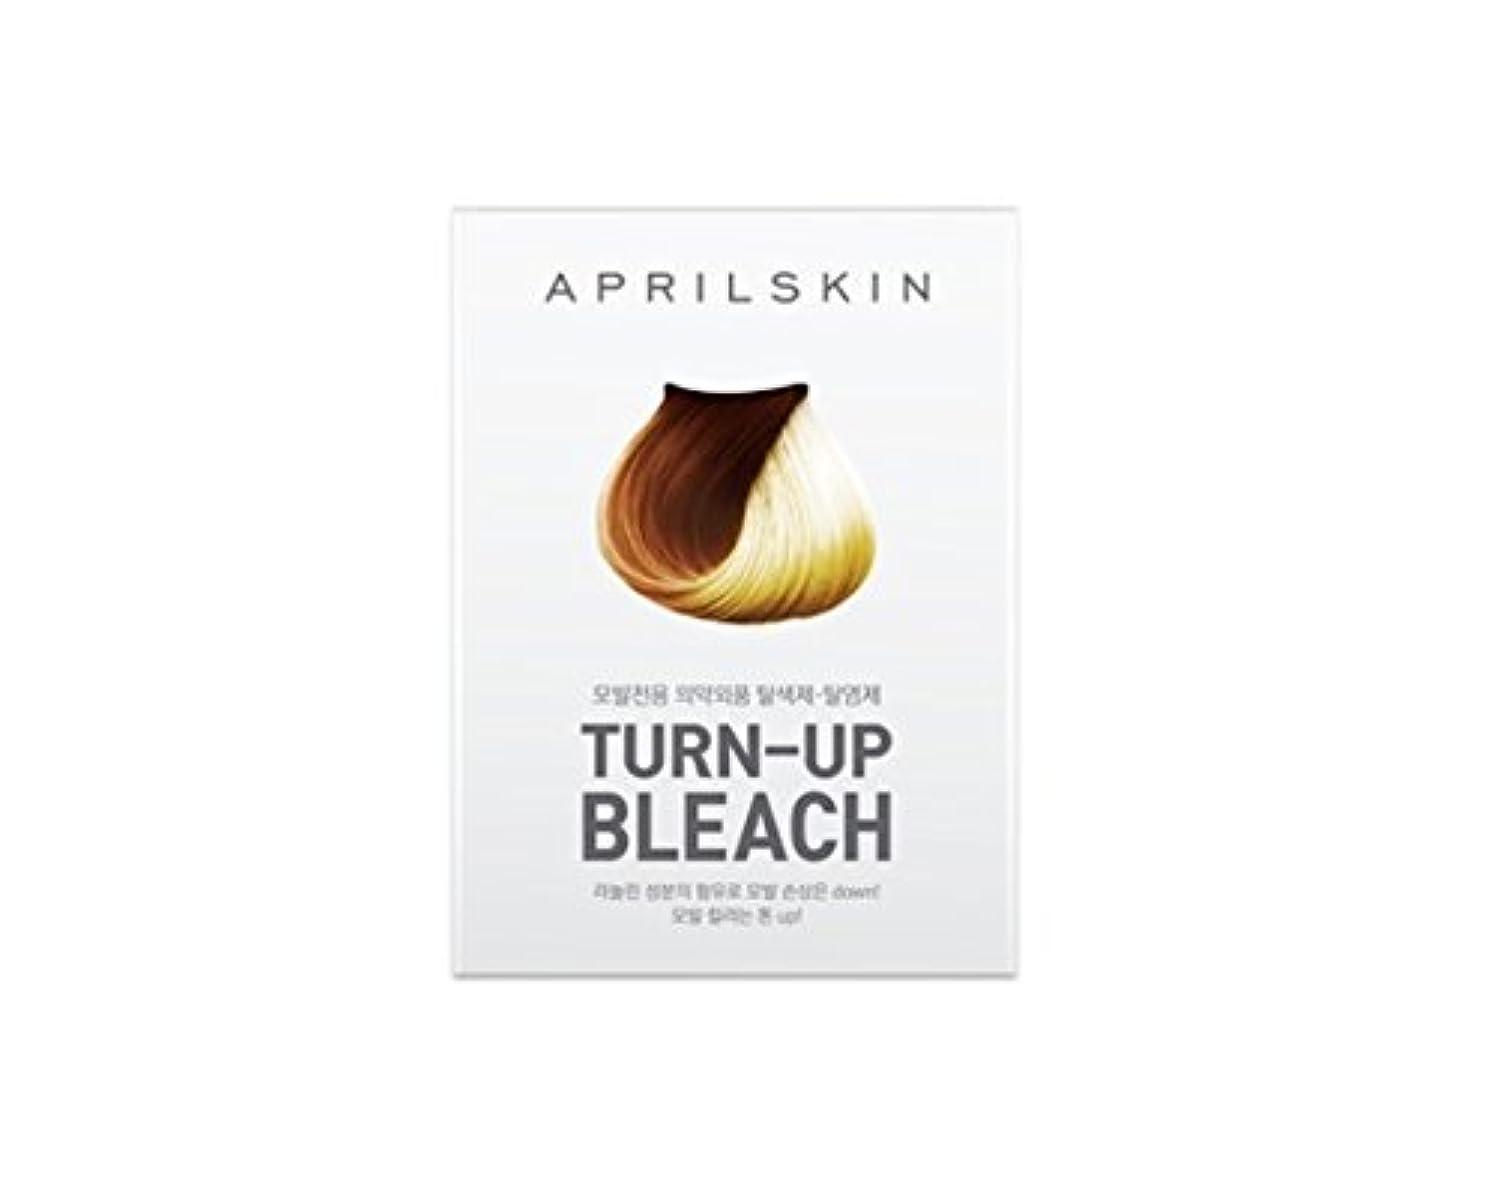 むさぼり食うスーダン粘り強いエープリル?スキン [韓国コスメ April Skin] 漂白ブリーチ(ヘアブリーチ)Turn Up Bleach (Hair Bleach) [海外直送品]